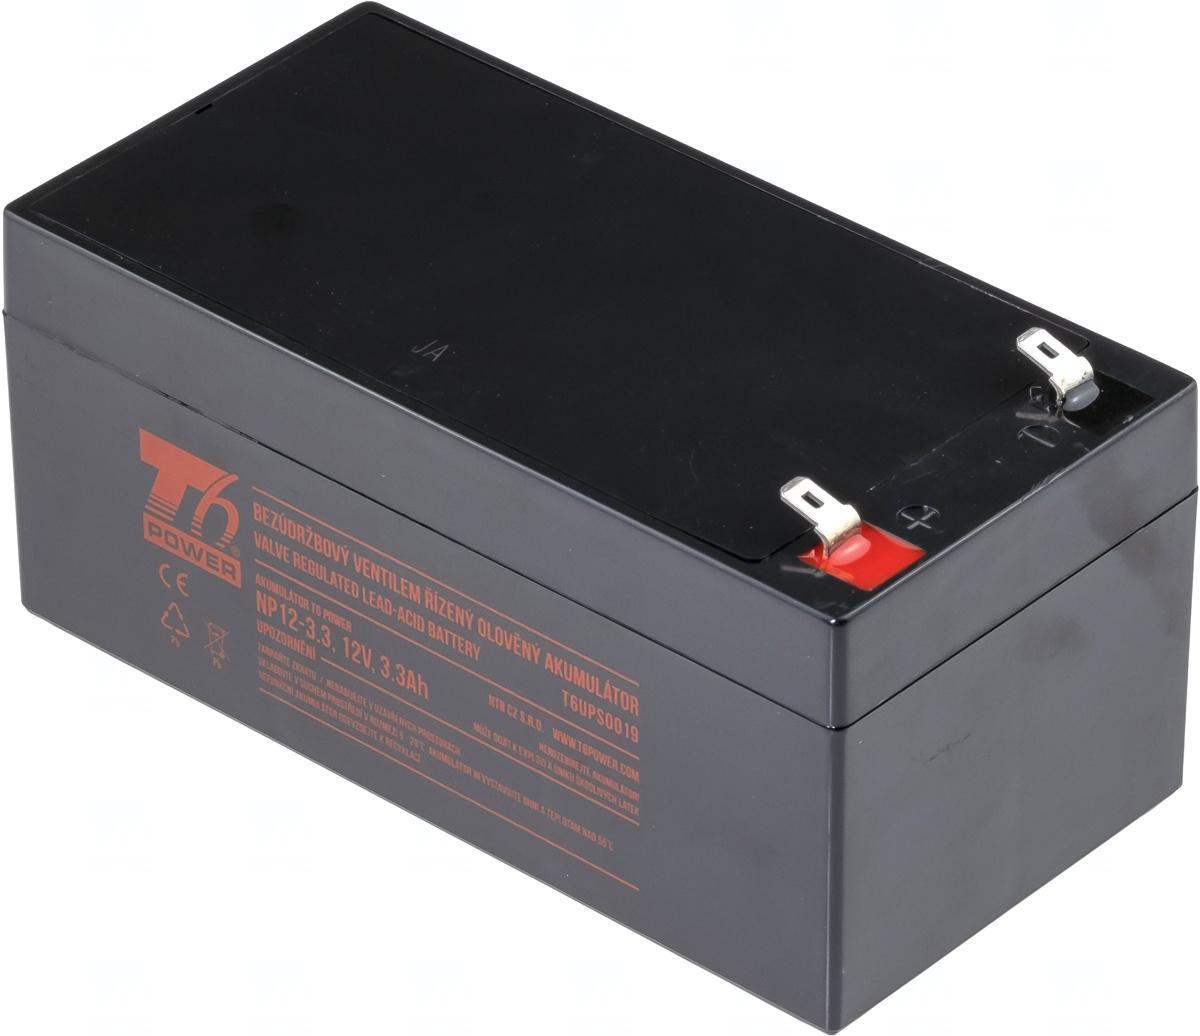 Akumulátor T6 Power NP12-3.3, 12V, 3,3Ah